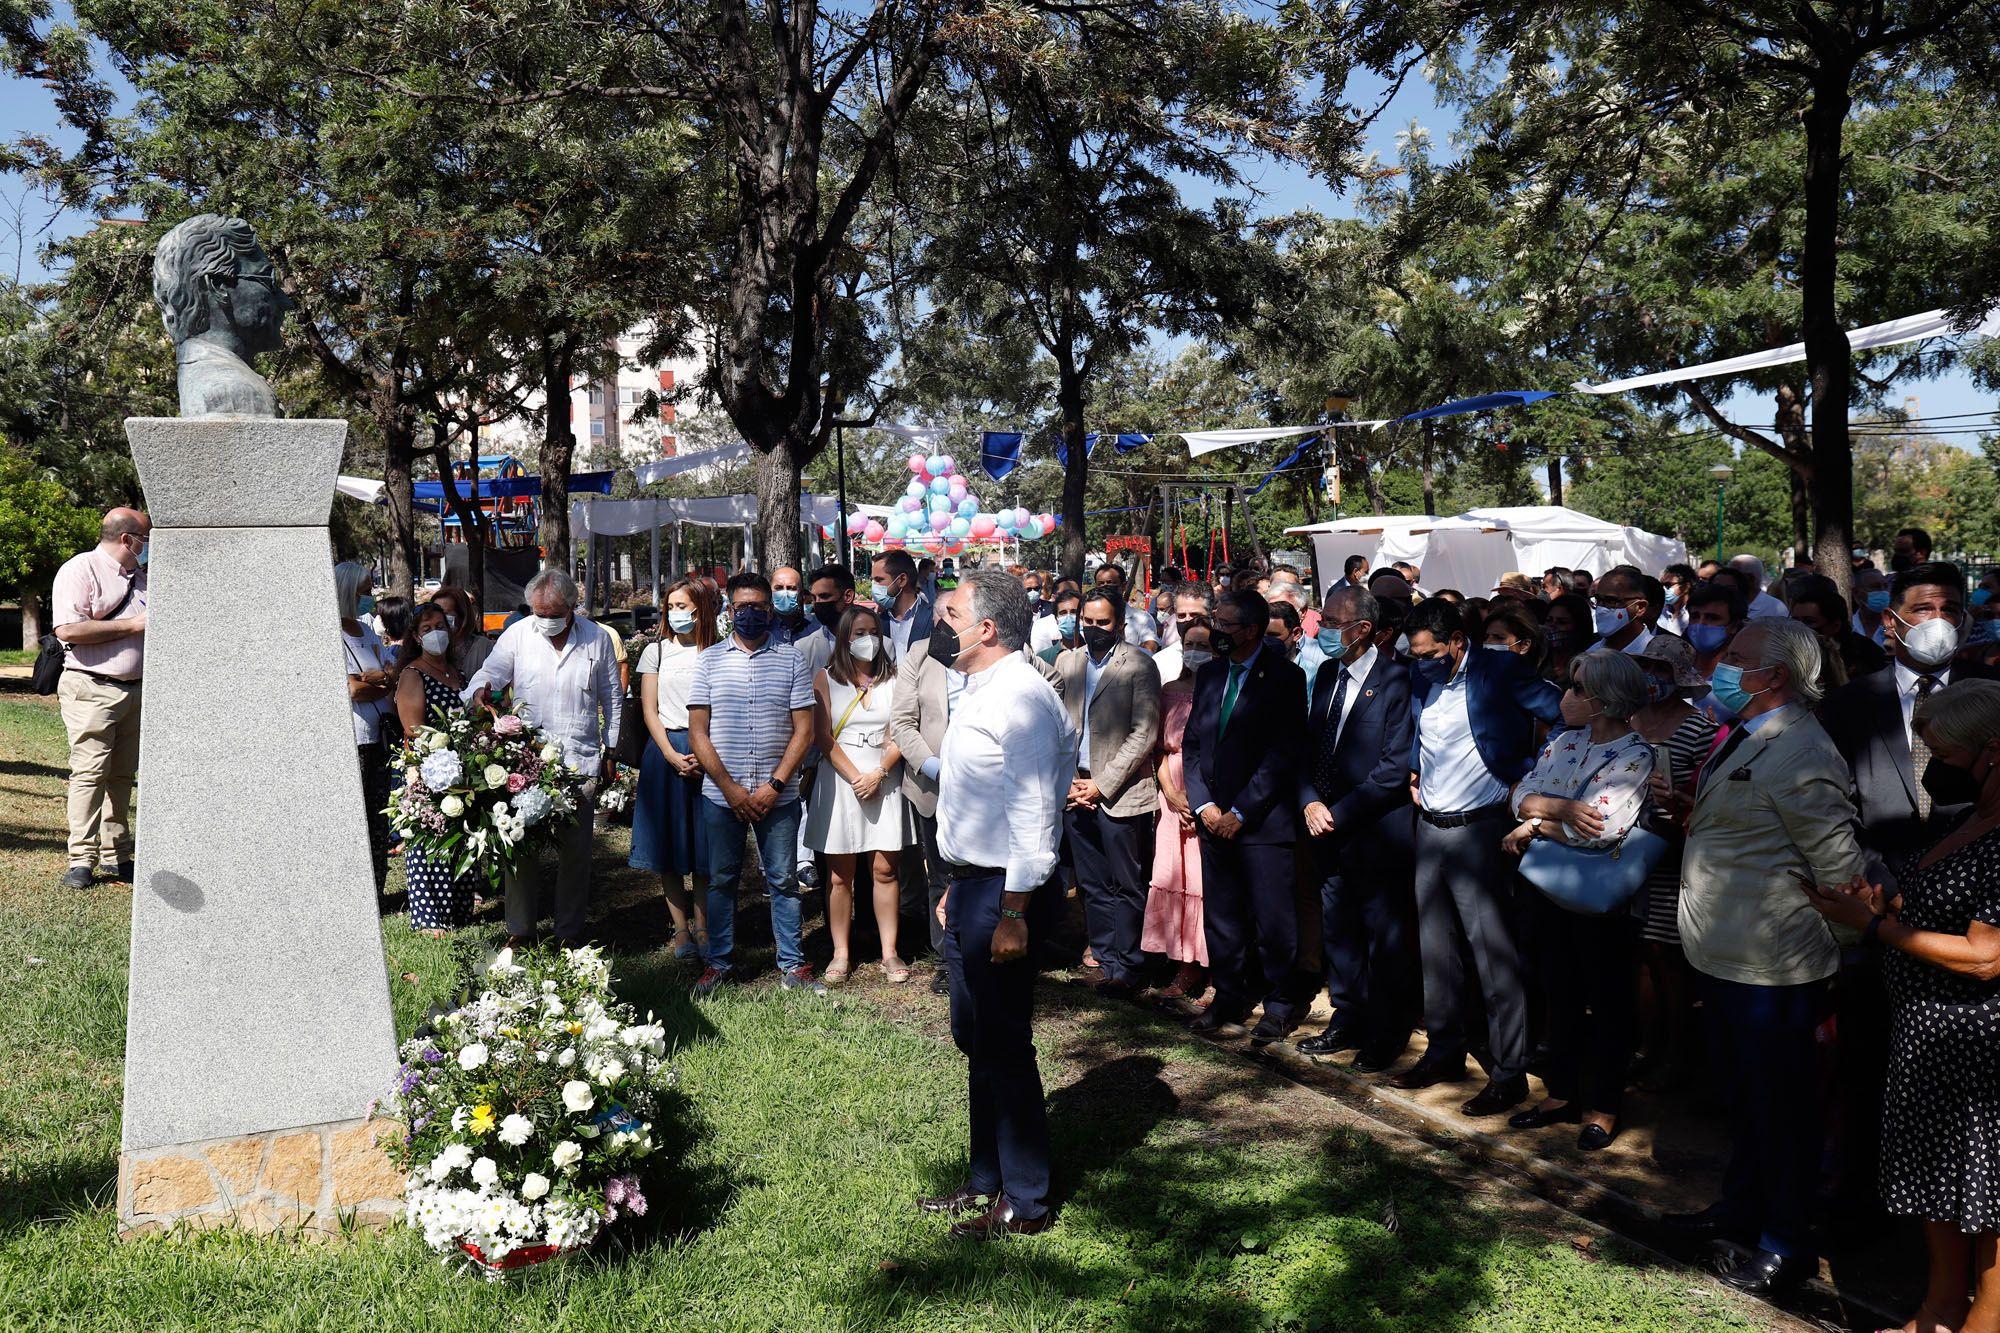 Ofrenda floral en el aniversario de la muerte de José María Martín Carpena